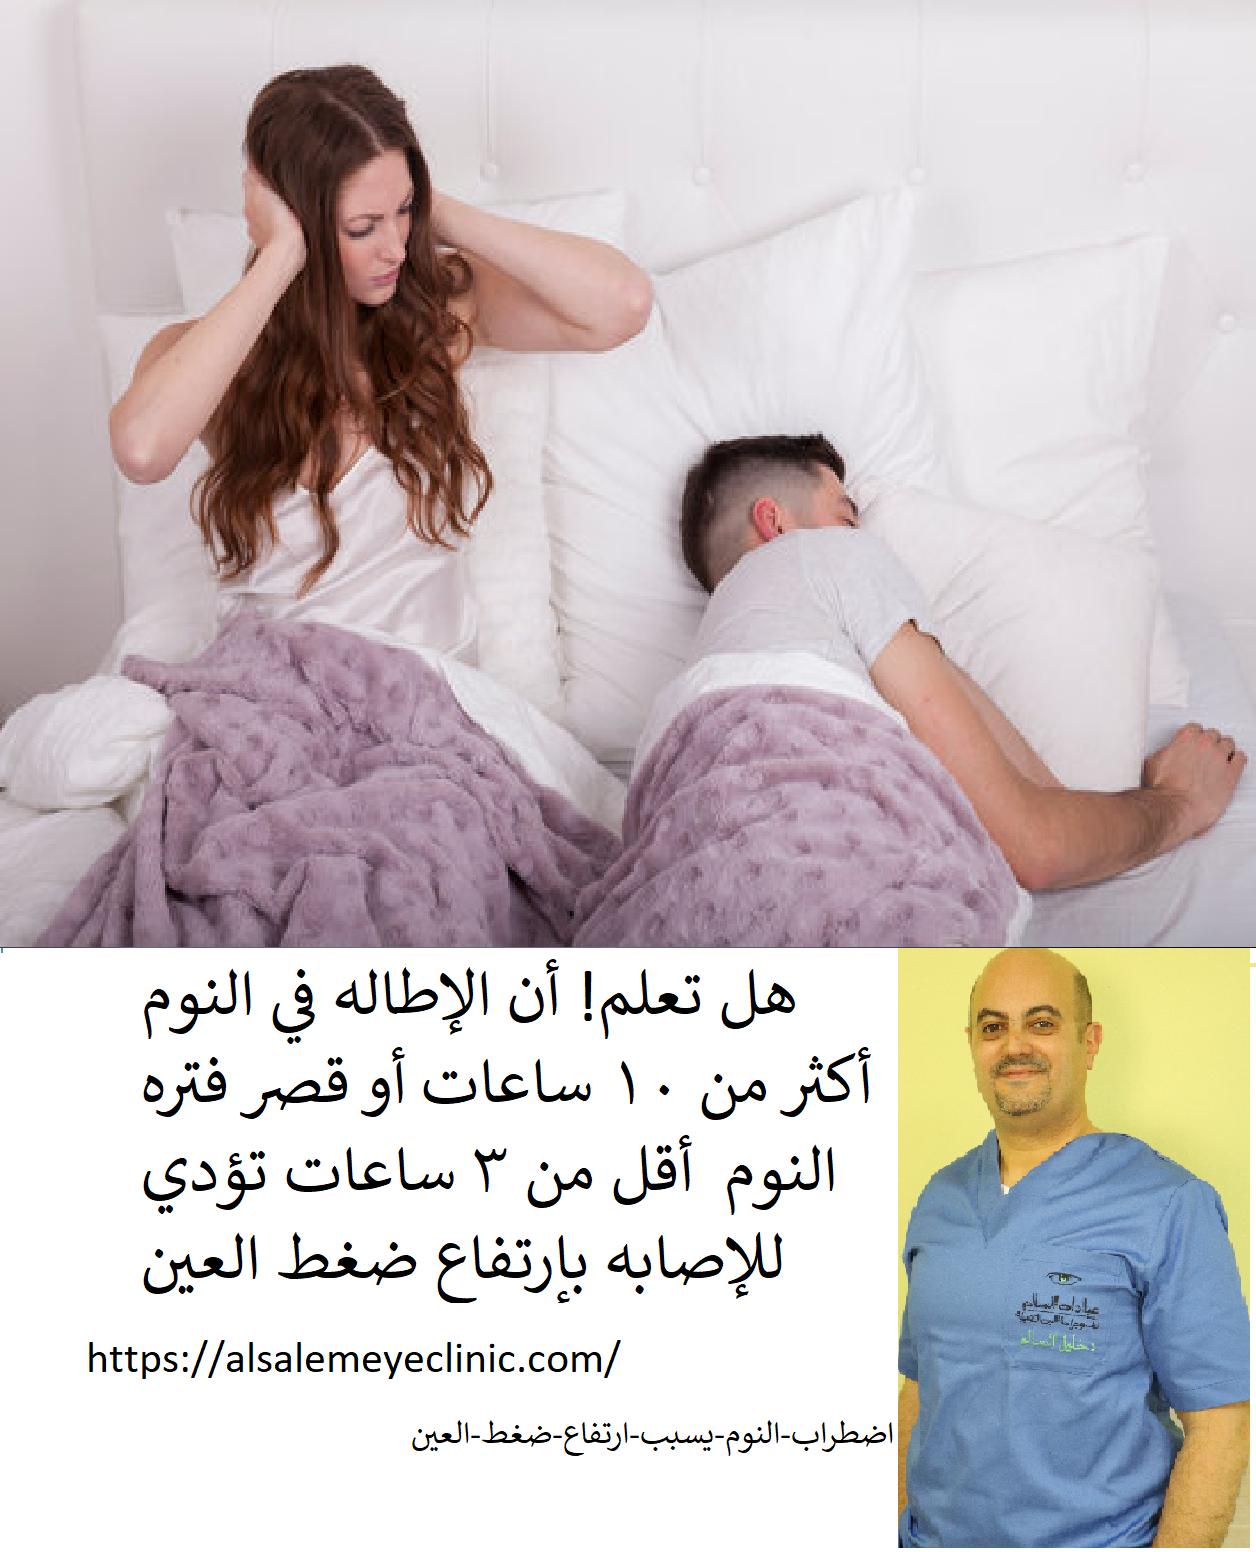 إضطراب النوم يسبب الجلوكوما